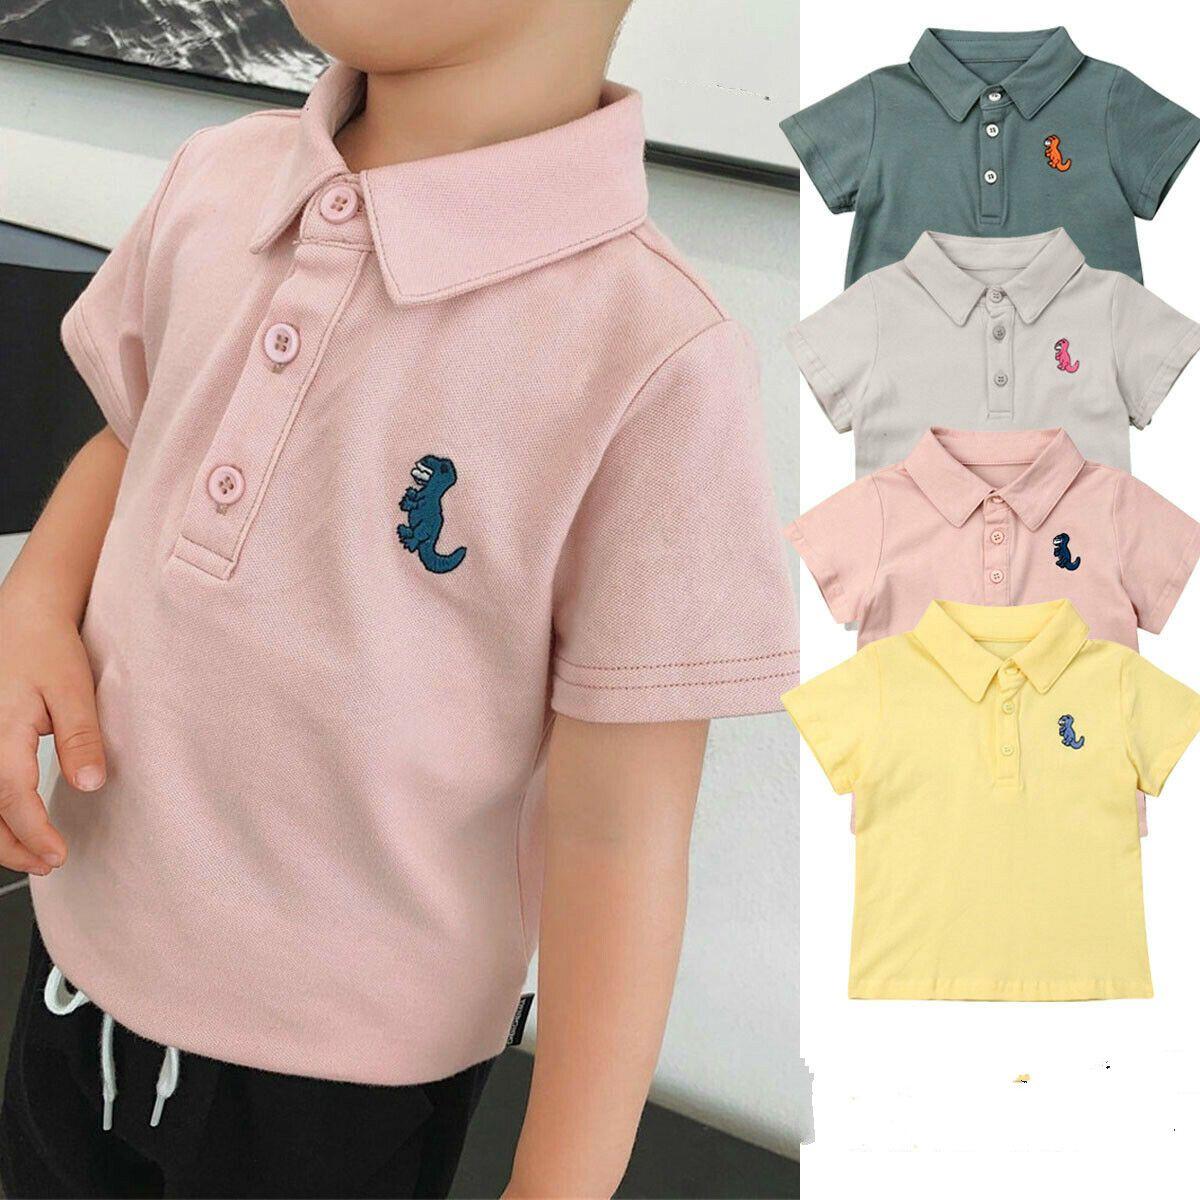 T-shirt bambino ragazzo Estate Ragazzi bambino stampa camice in cotone al 100%